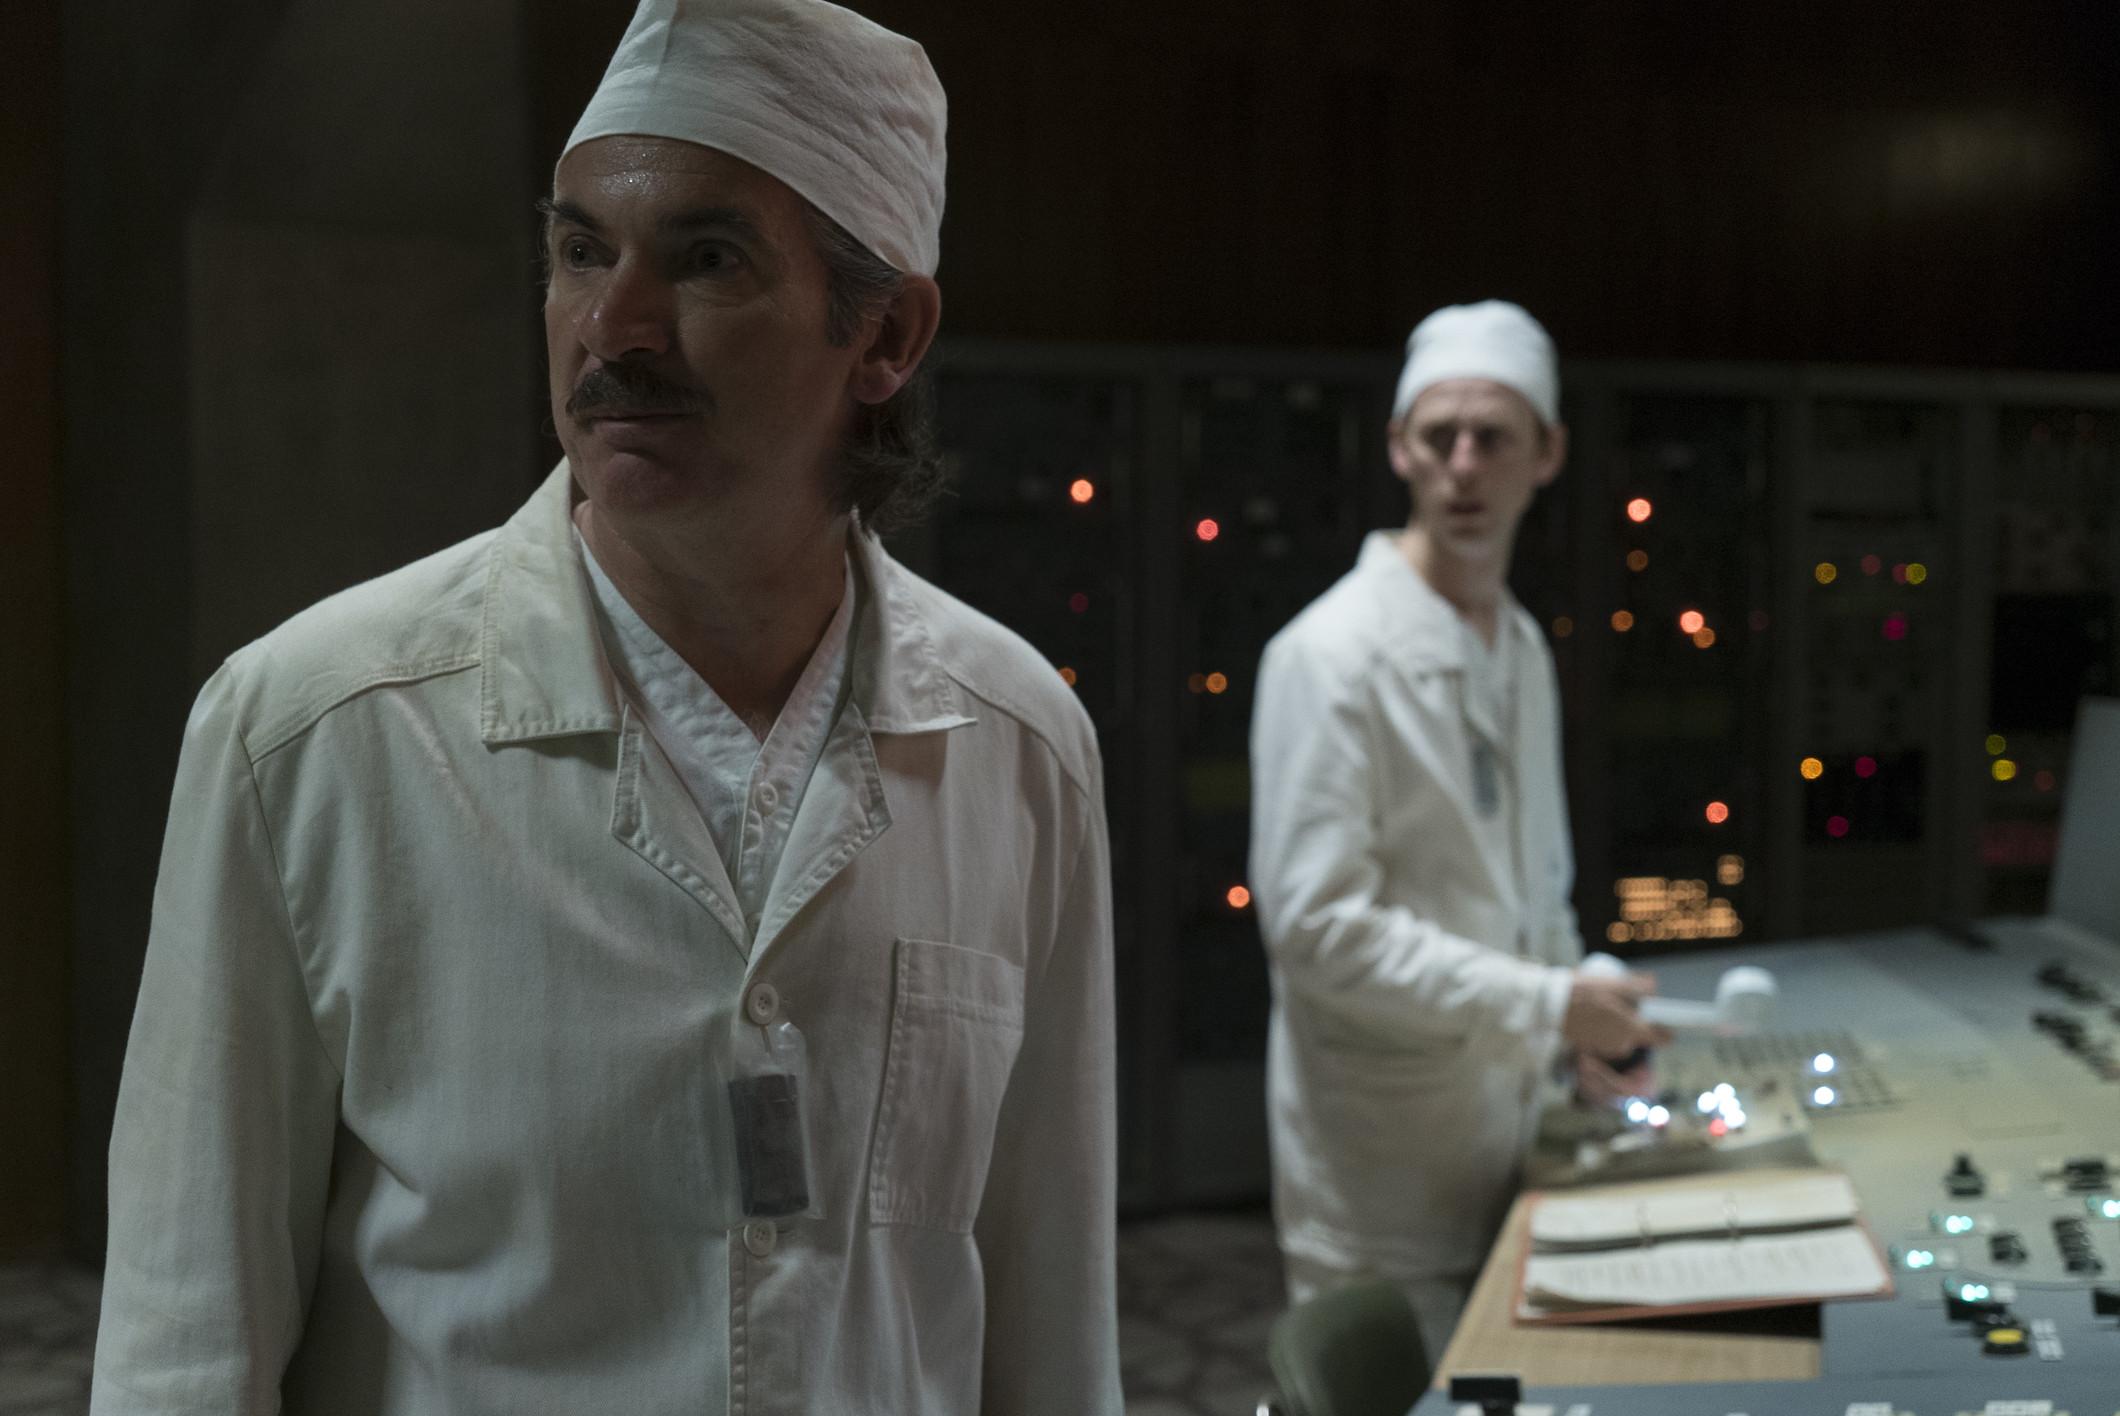 Paul Ritter in 'Chernobyl'